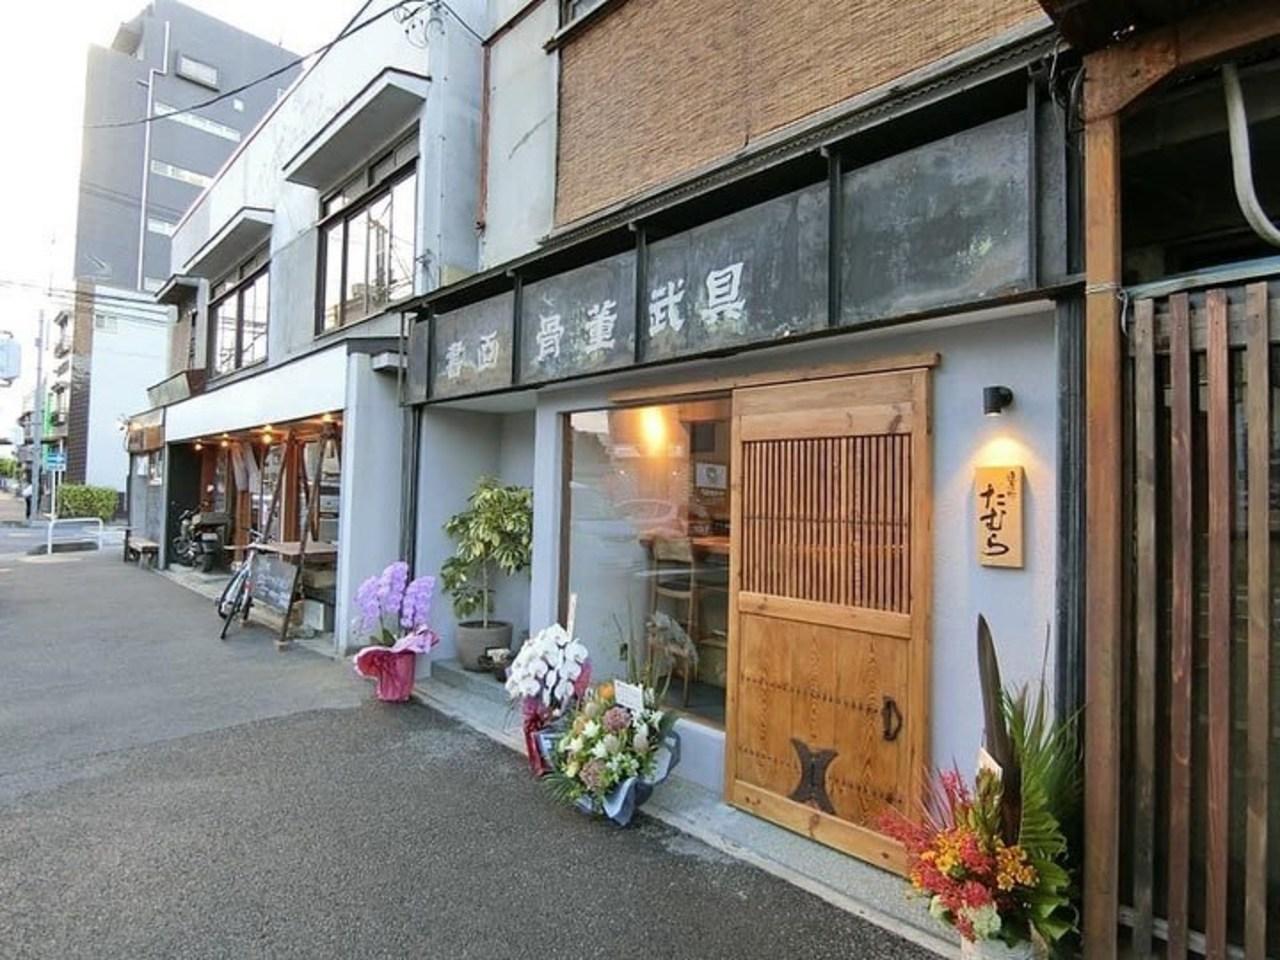 埼玉県川越市連雀町に「連雀町たむら」が8/21グランドオープンされたようです。